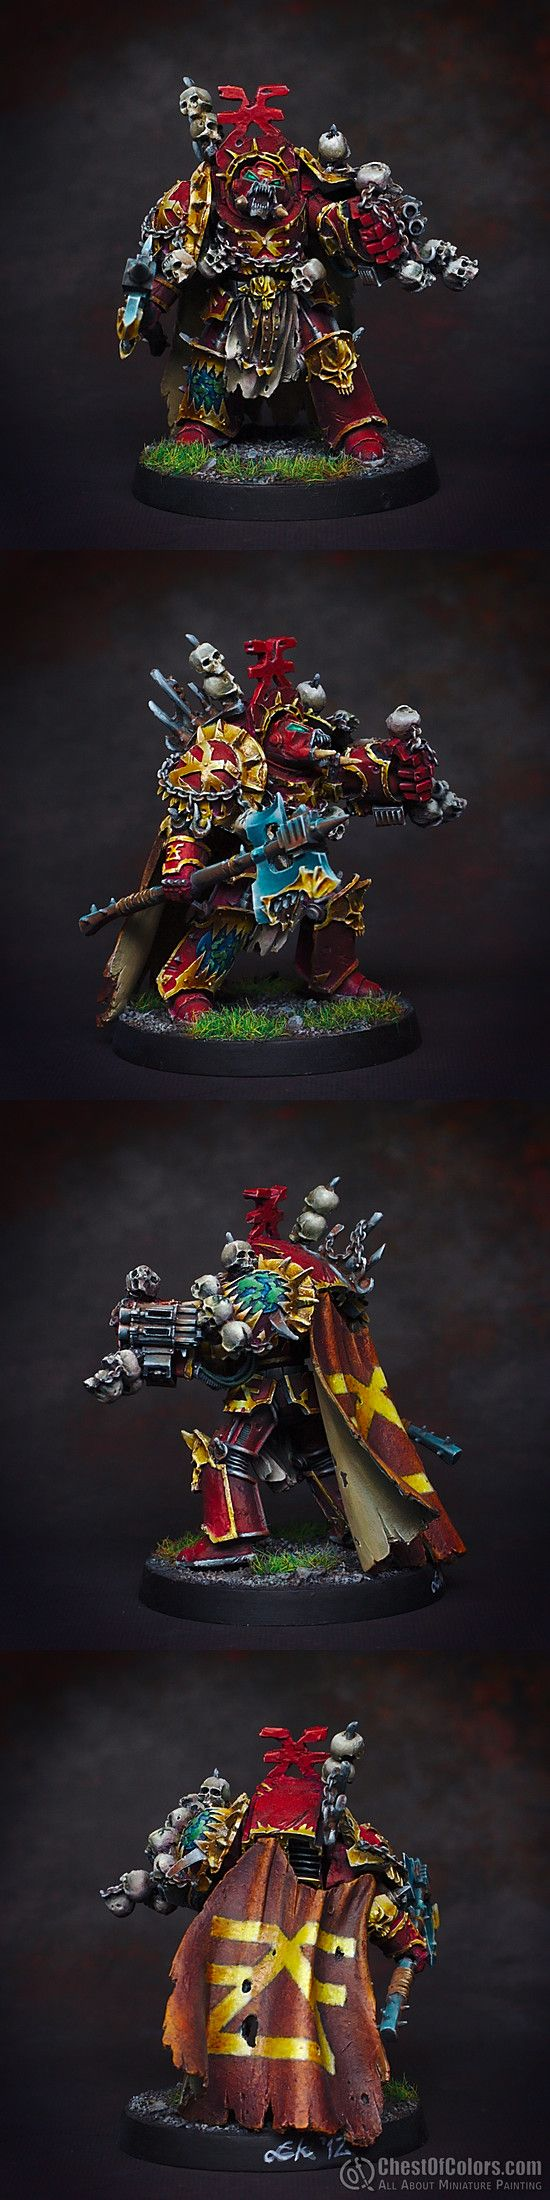 Benathai's works: Other Warhammer 40.000 miniatures